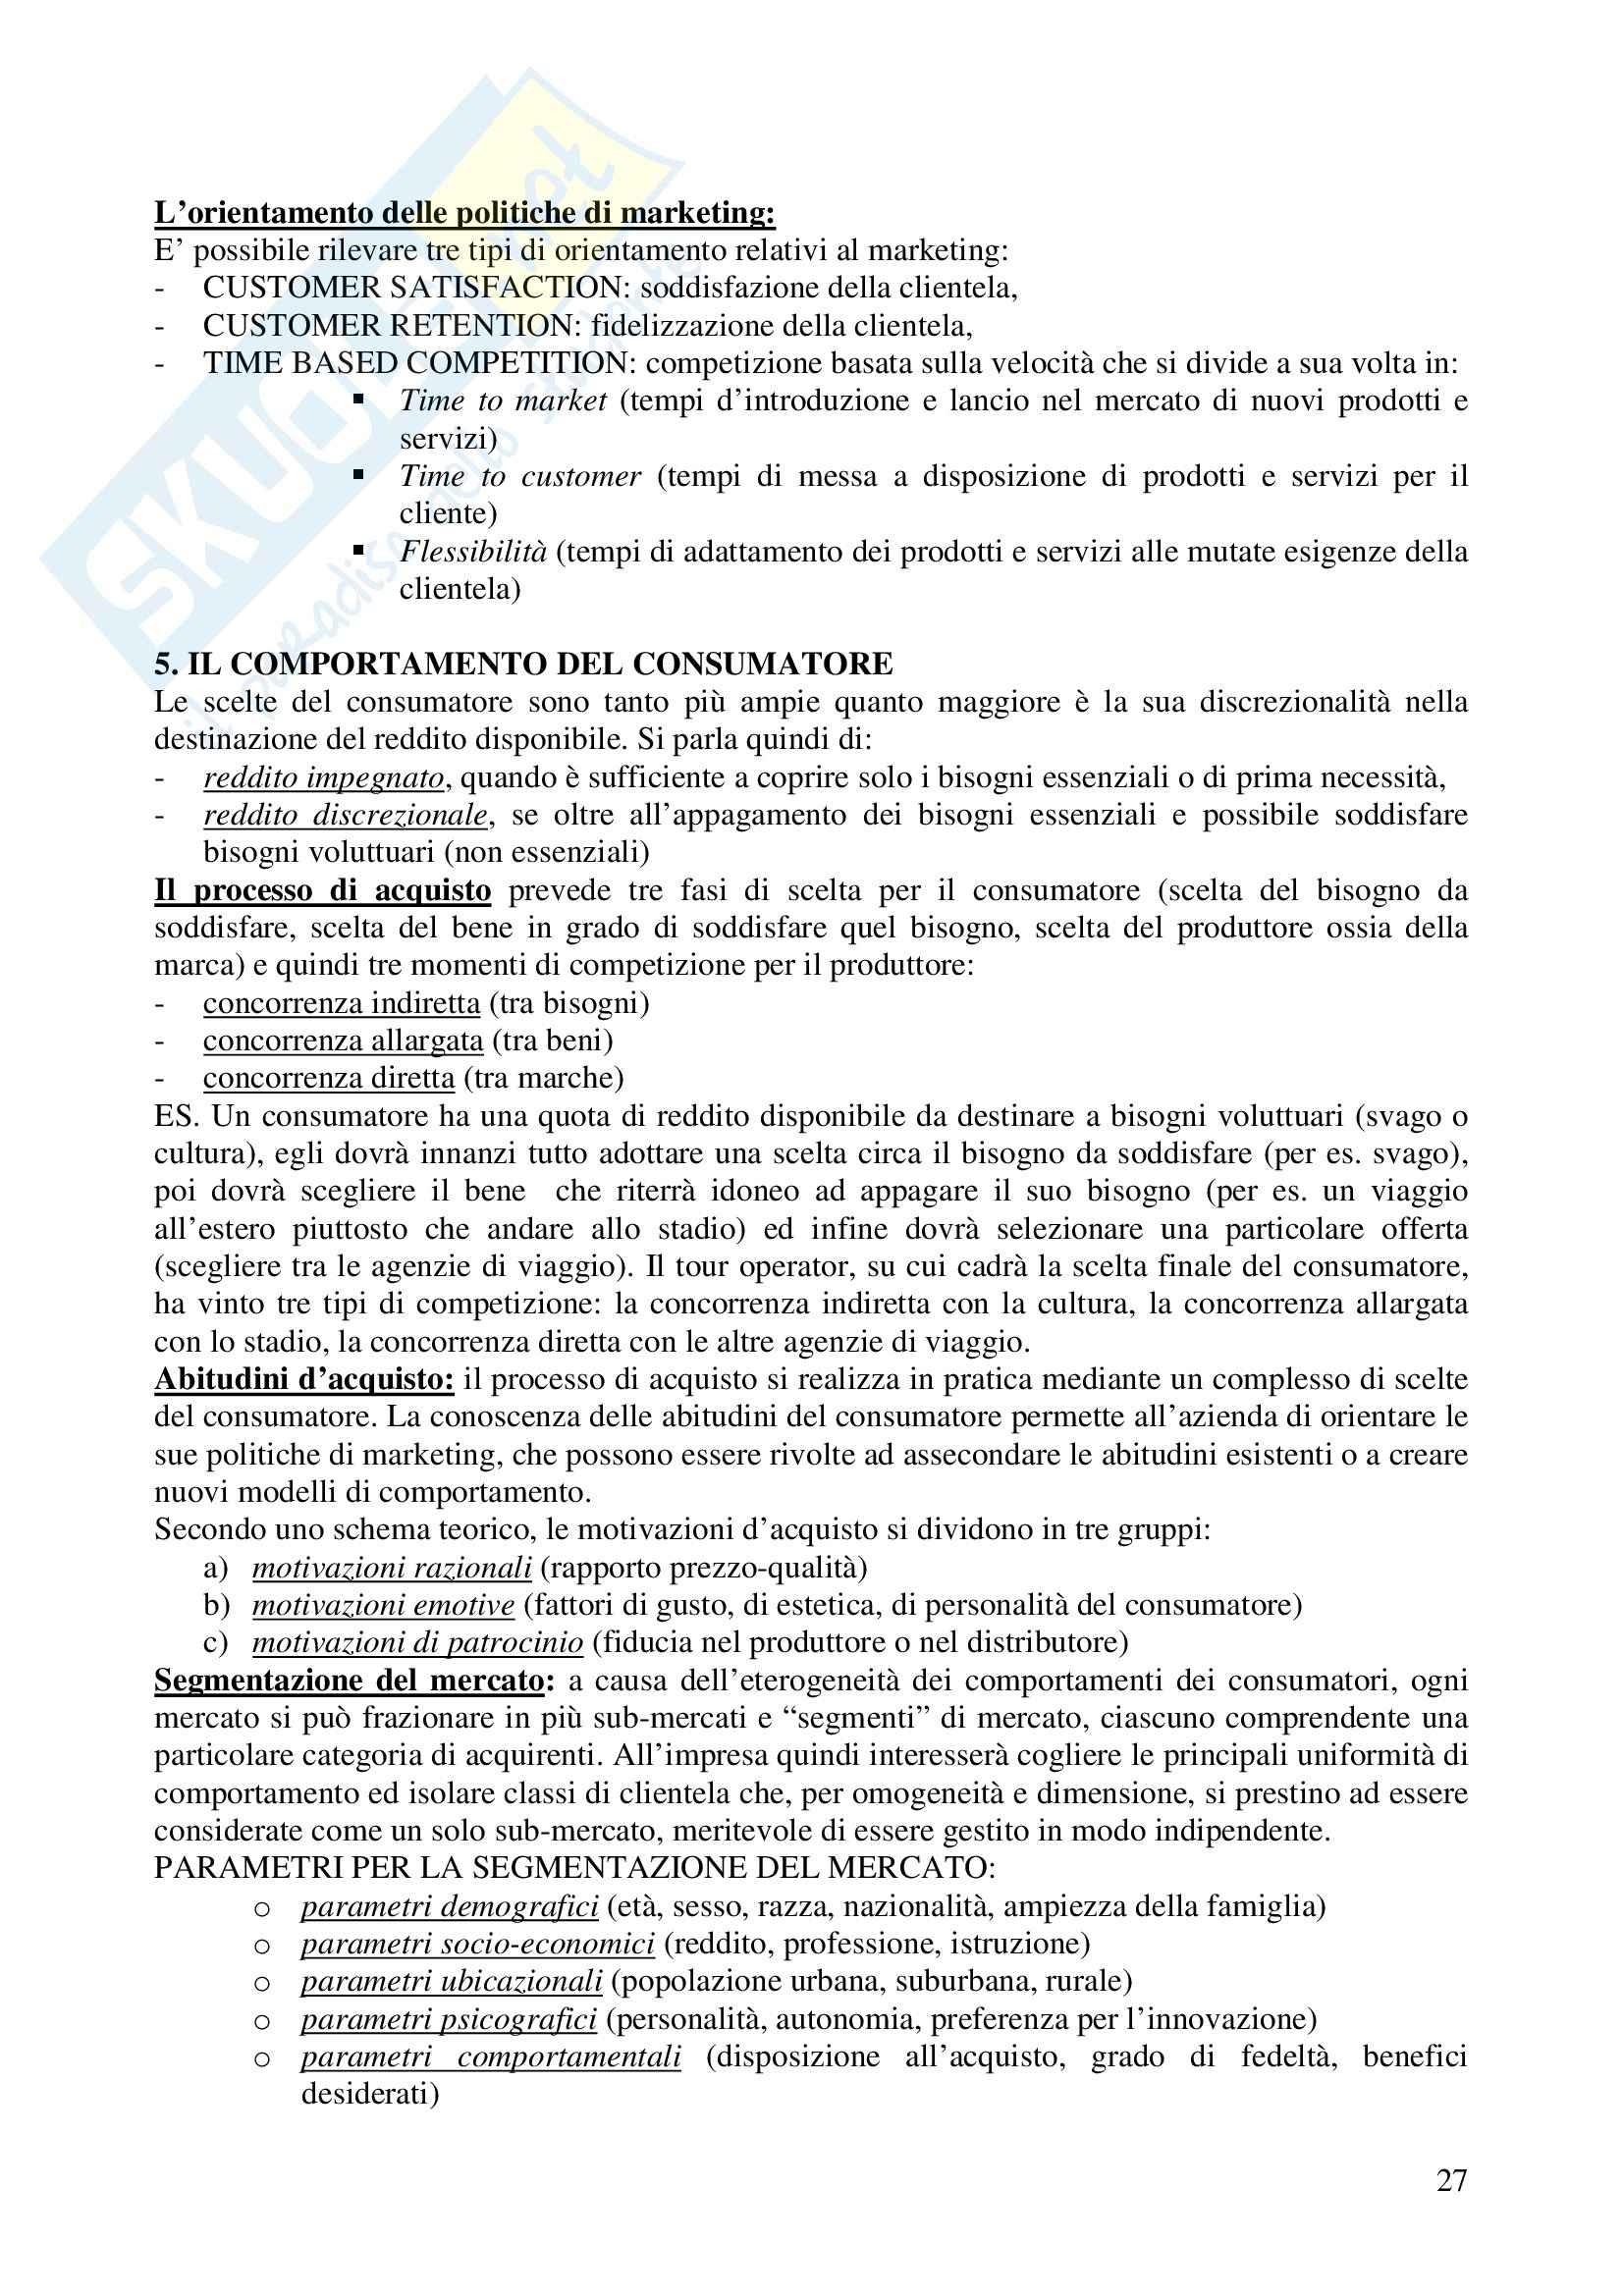 Riassunto esame Economia e gestione delle imprese, prof. Calza, libro consigliato Fondamenti di economia e gestione delle imprese, Sciarelli Pag. 26